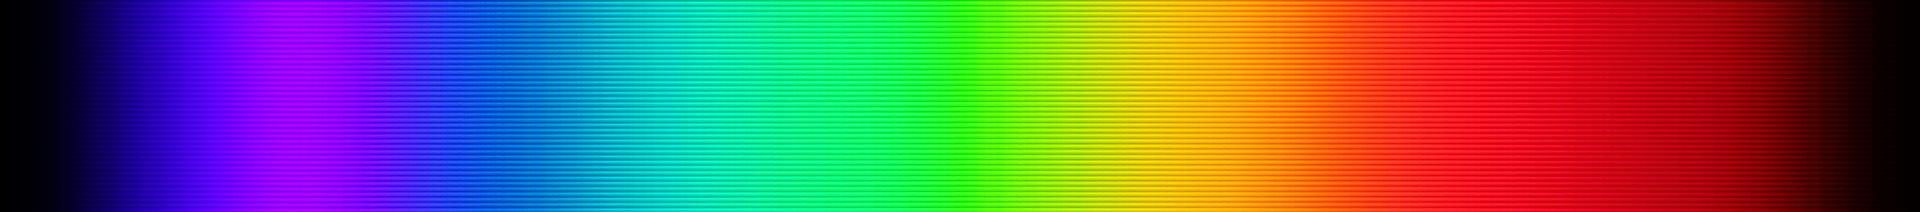 IMG_8348_LED_Freilse_breit.jpg